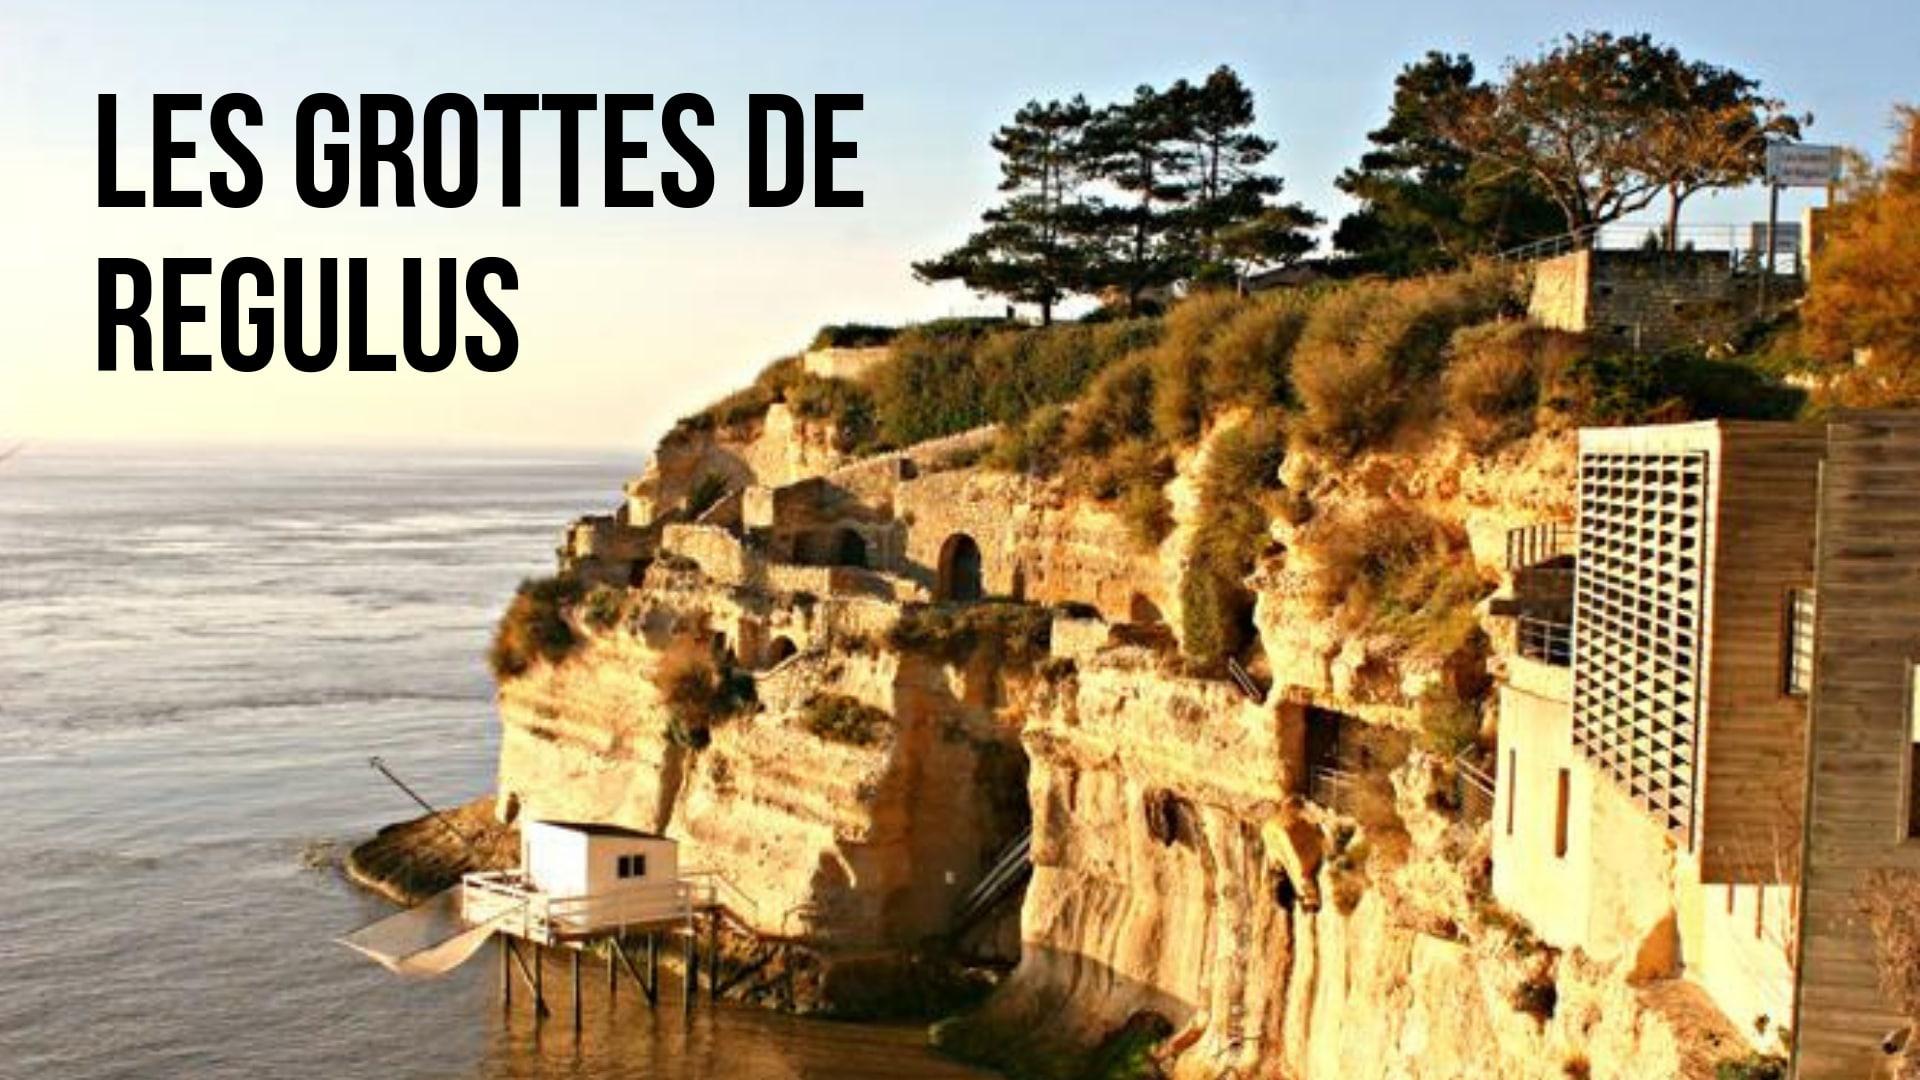 Les grottes troglodytes de Meschers (à 20 min)